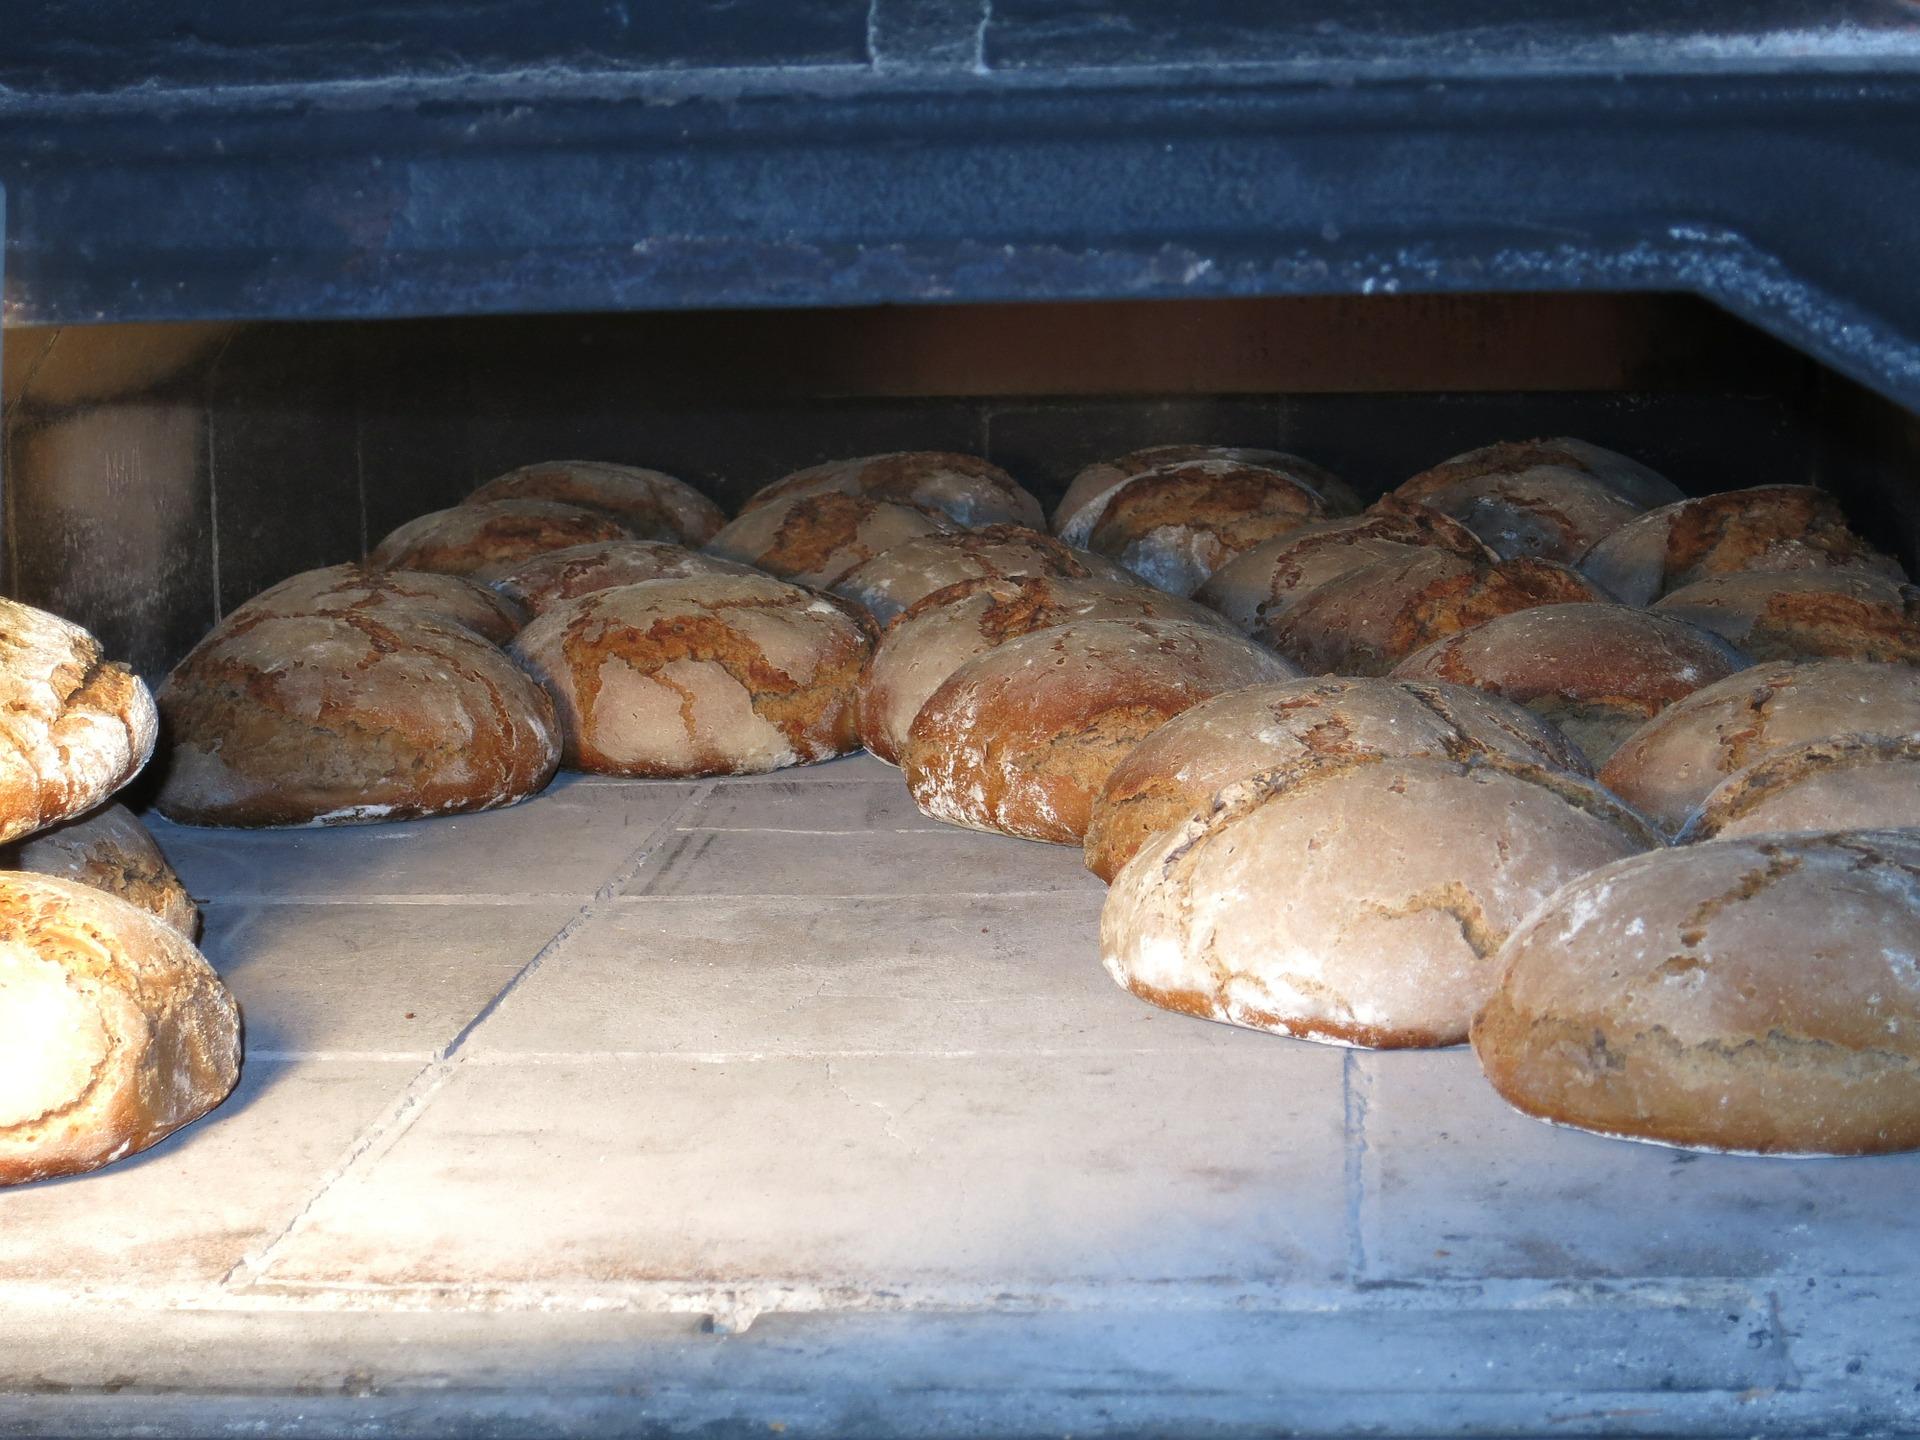 Frisches Brot und Kommunikation, ein Paar seit alter Zeit!